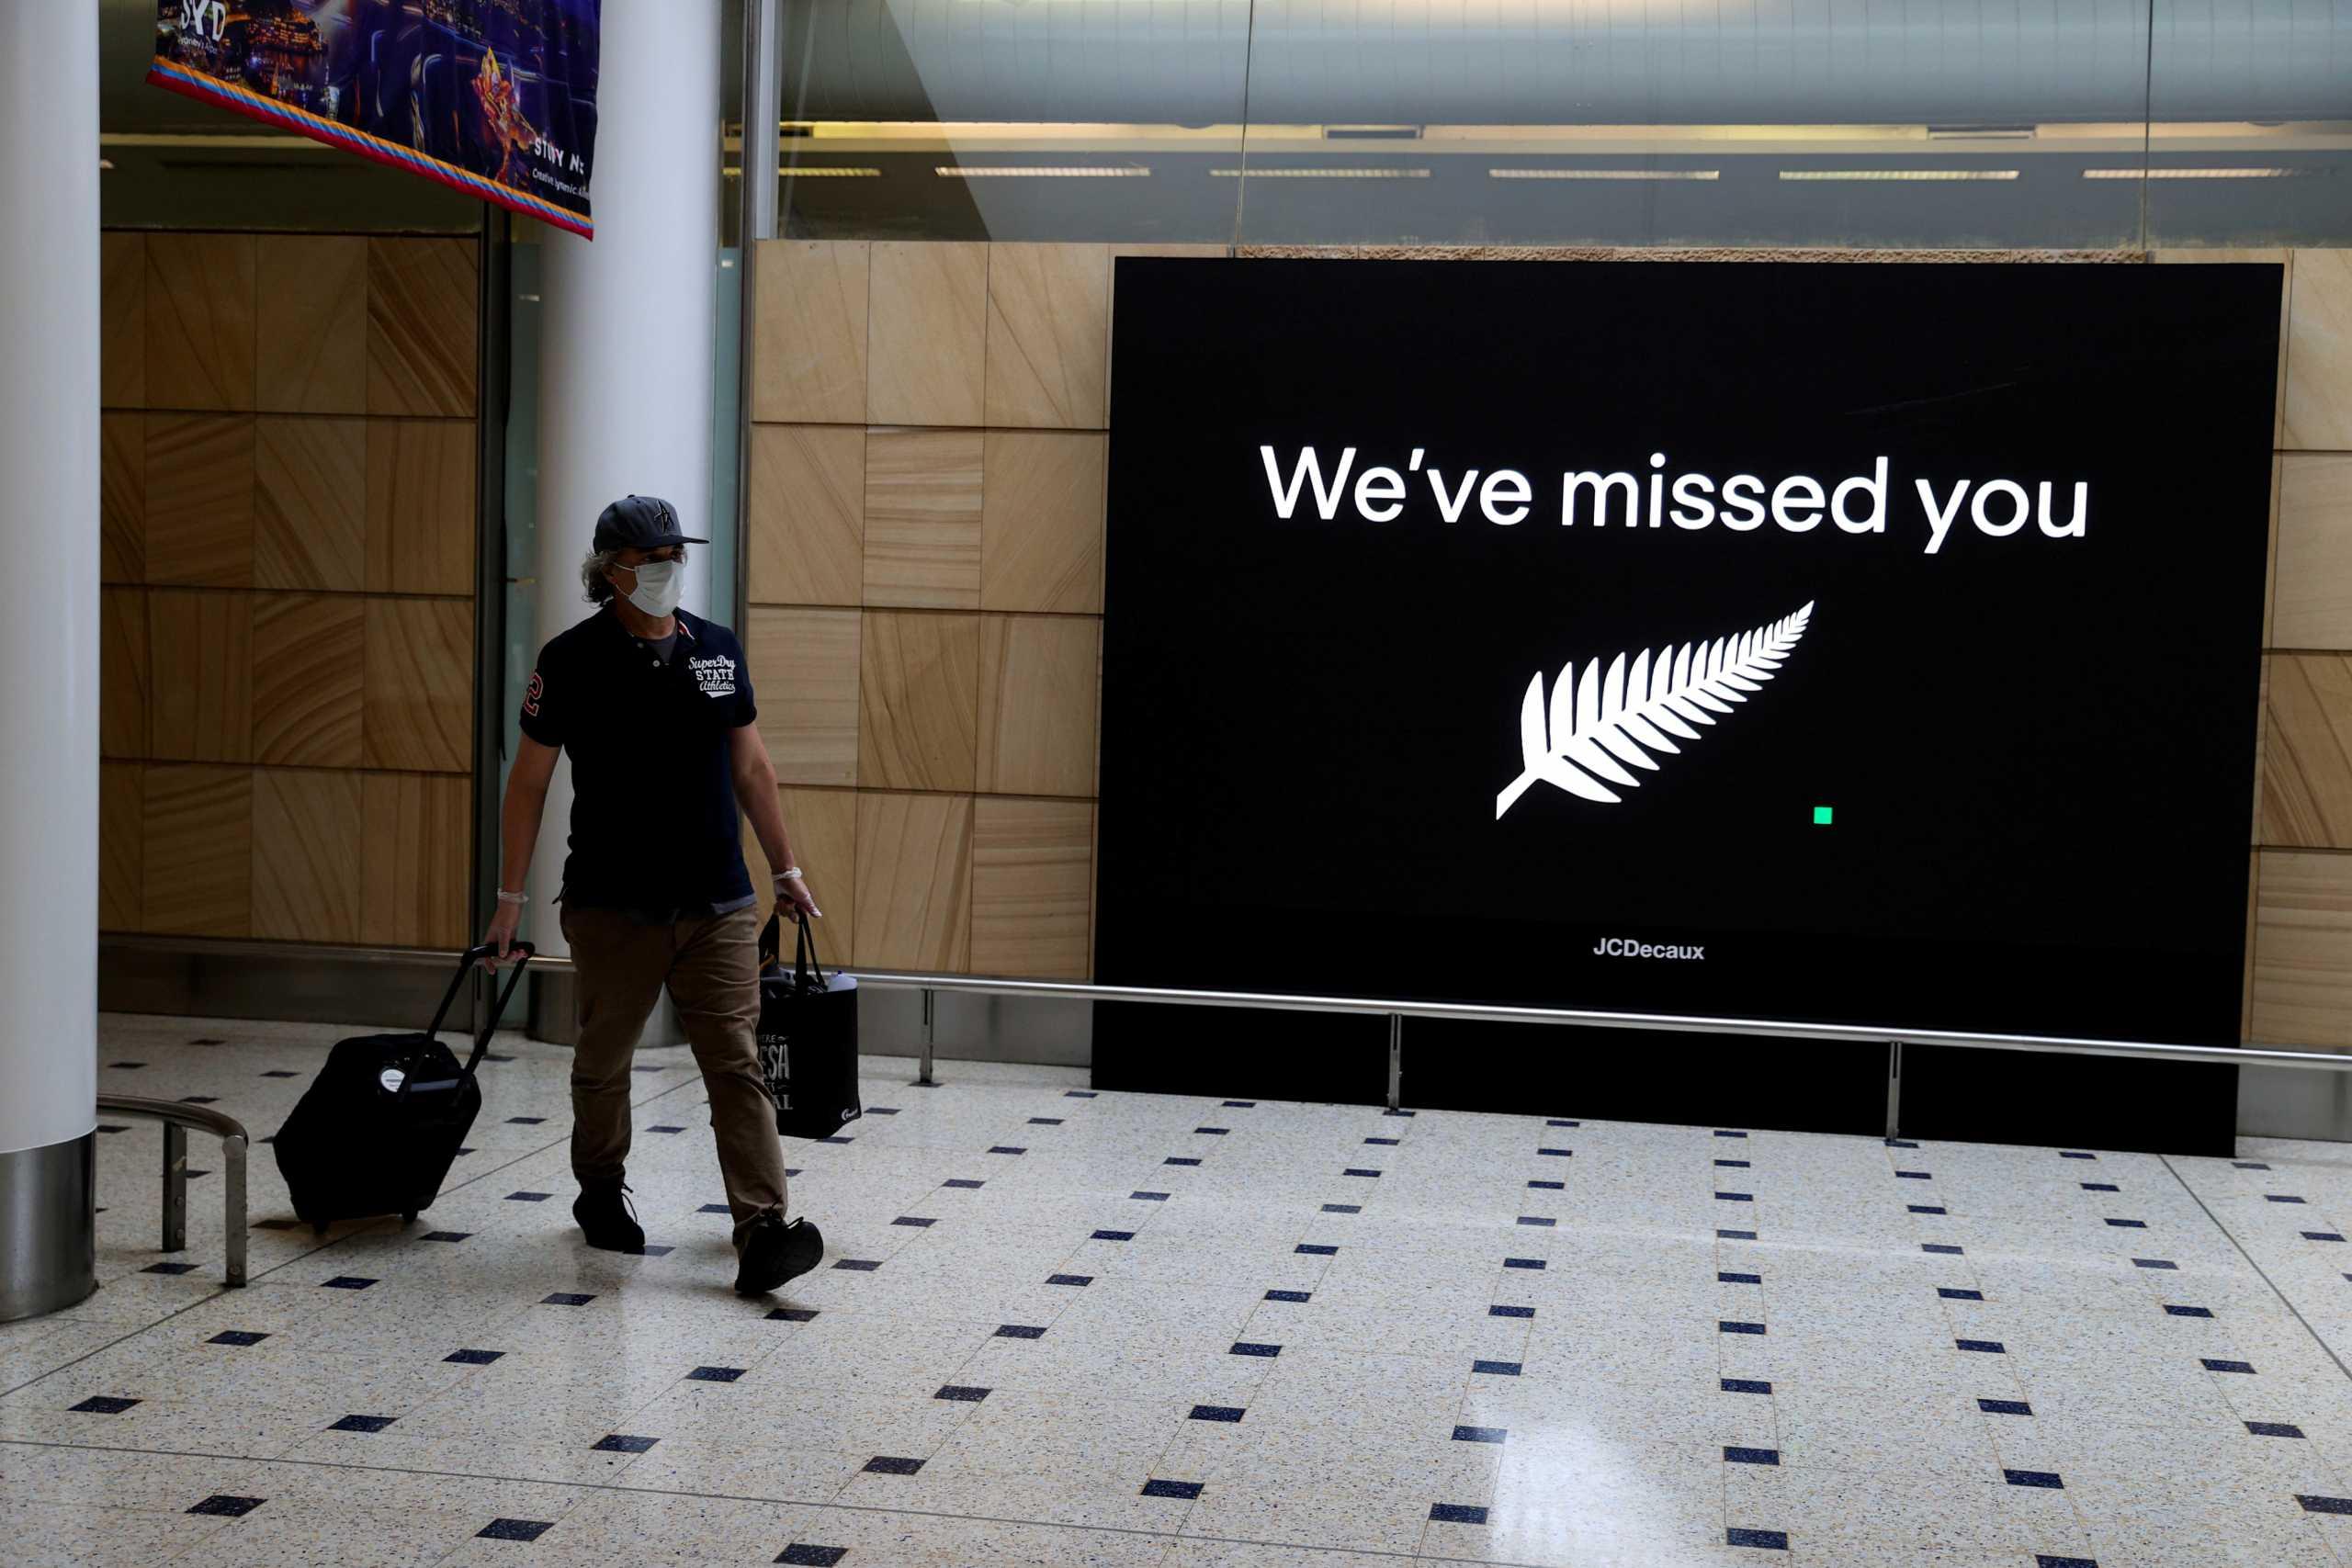 Κορονοϊός – Νέα Ζηλανδία: Lockdown σε τη όλη χώρα μετά τον εντοπισμό ενός κρούσματος